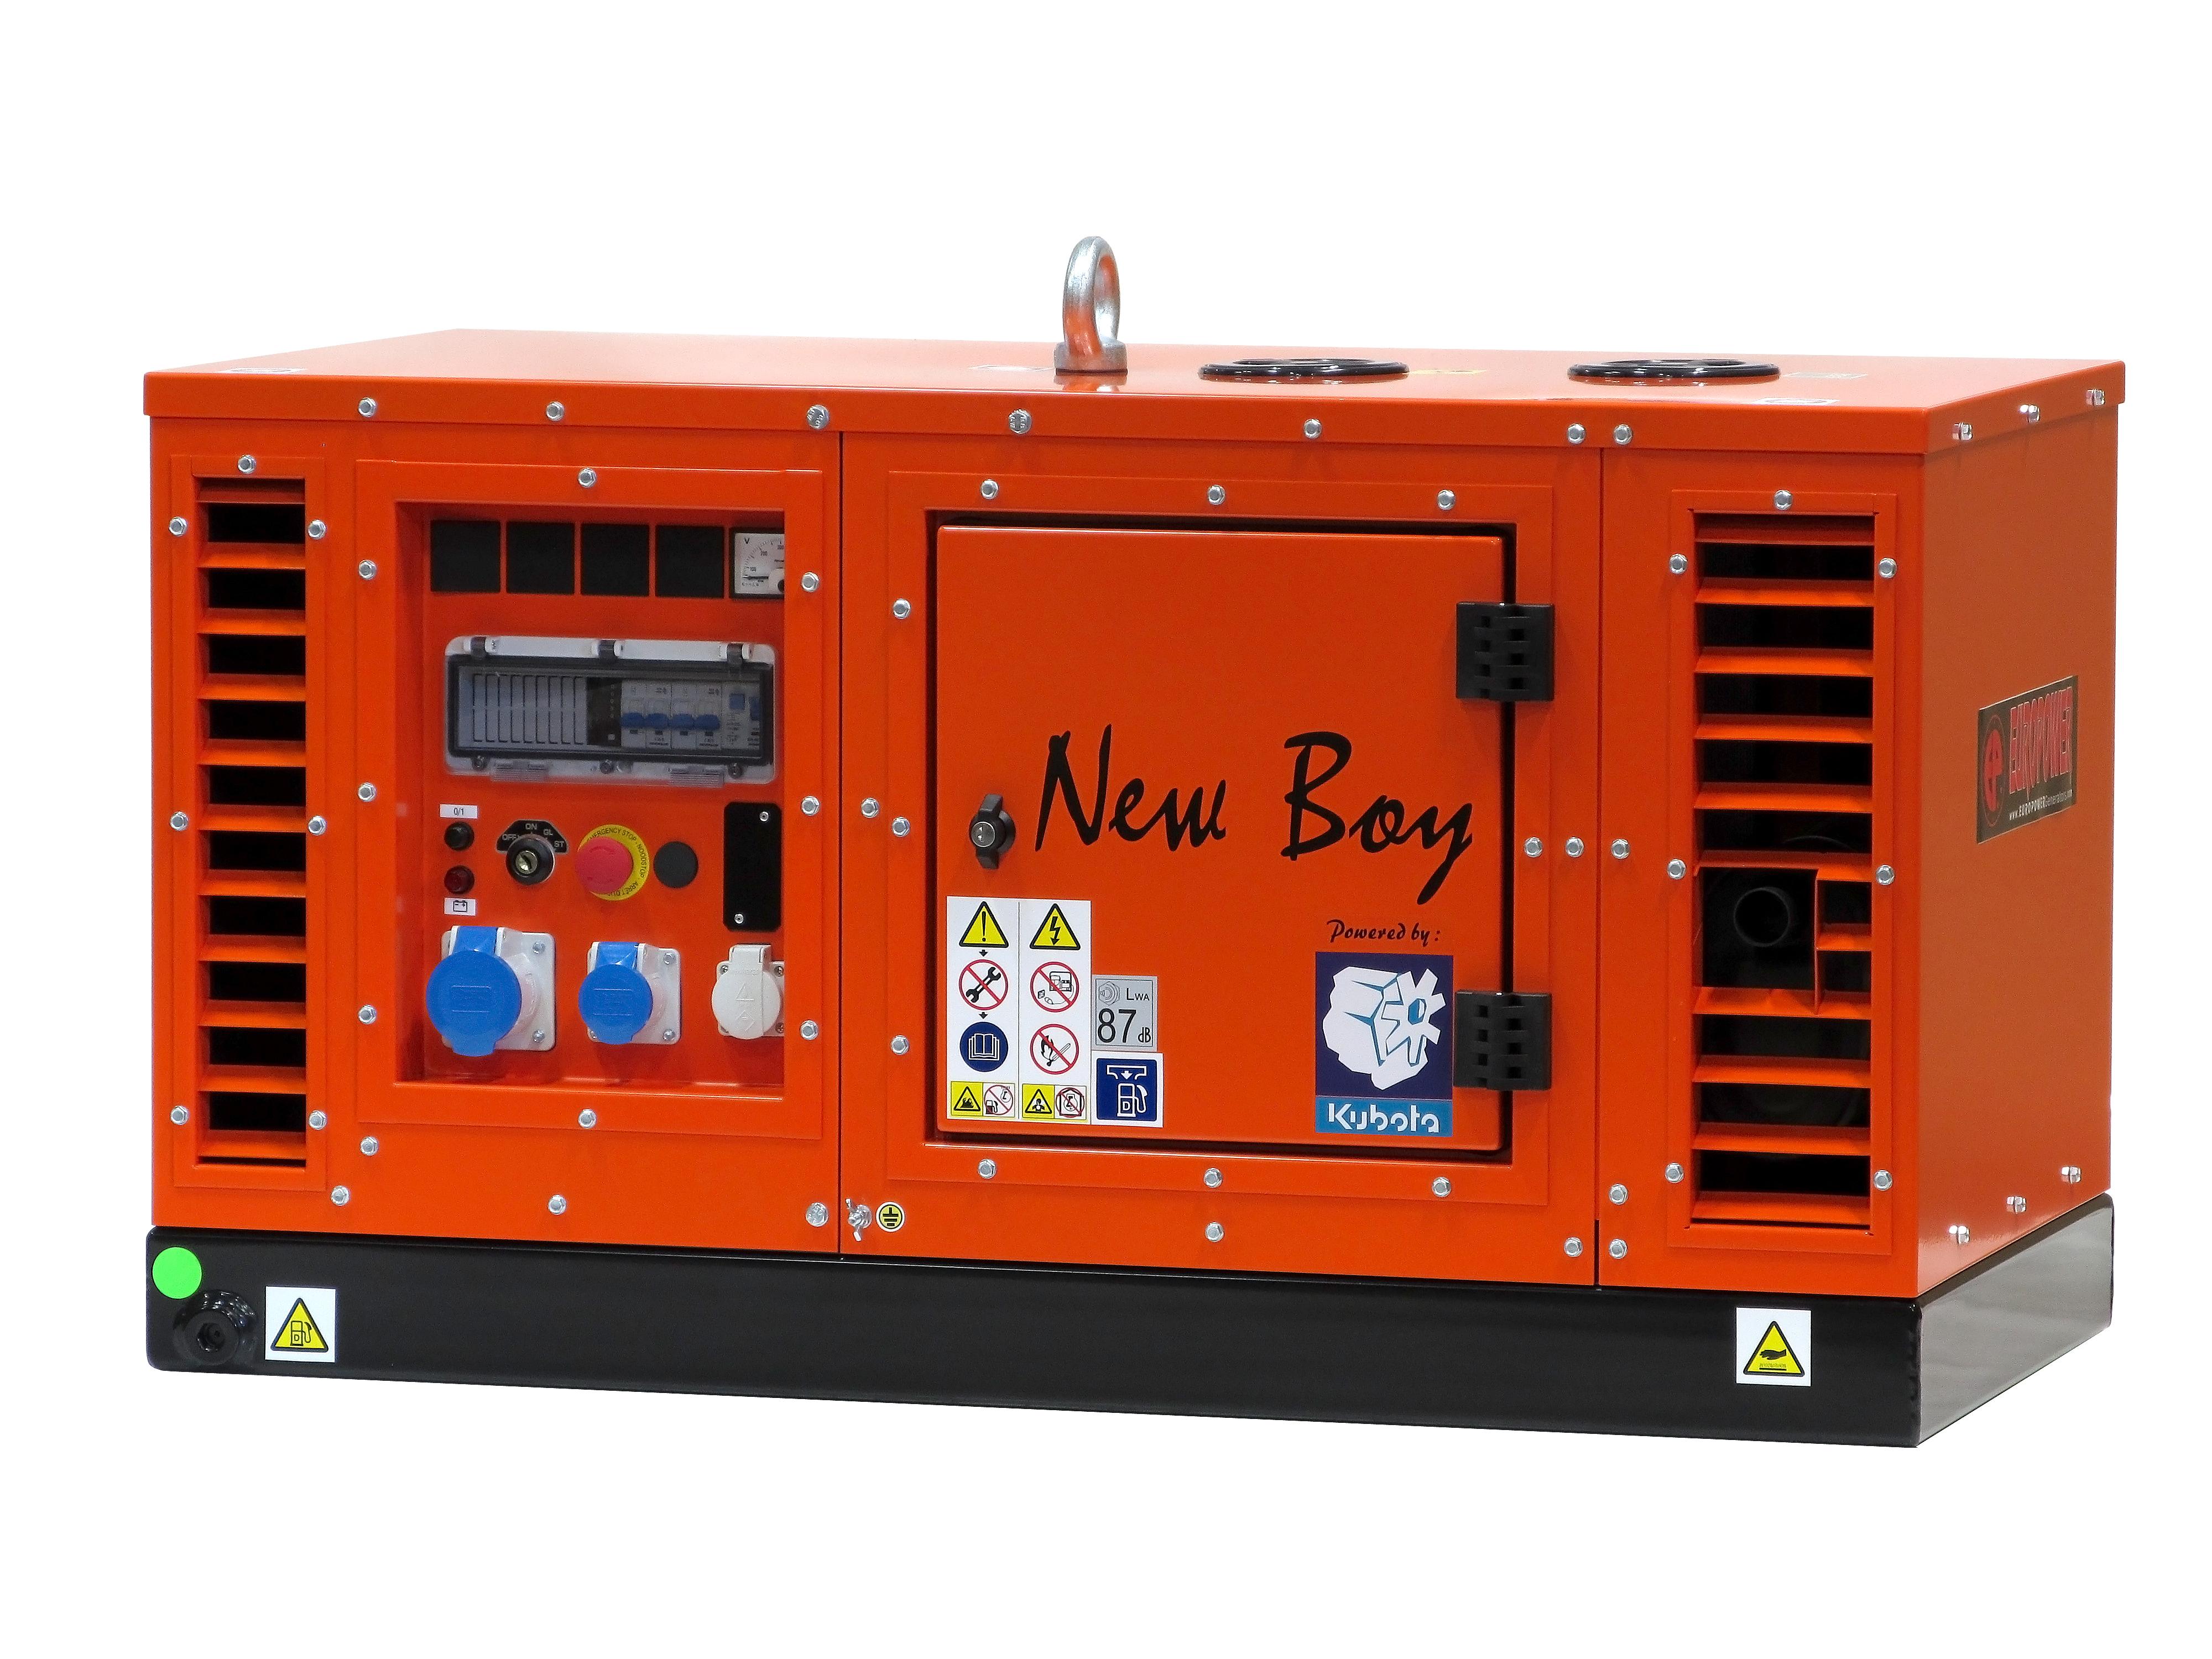 Super-schallgedämmter 6 KW Stromerzeuger mit Kubota wassergekühltem Dieselmotor